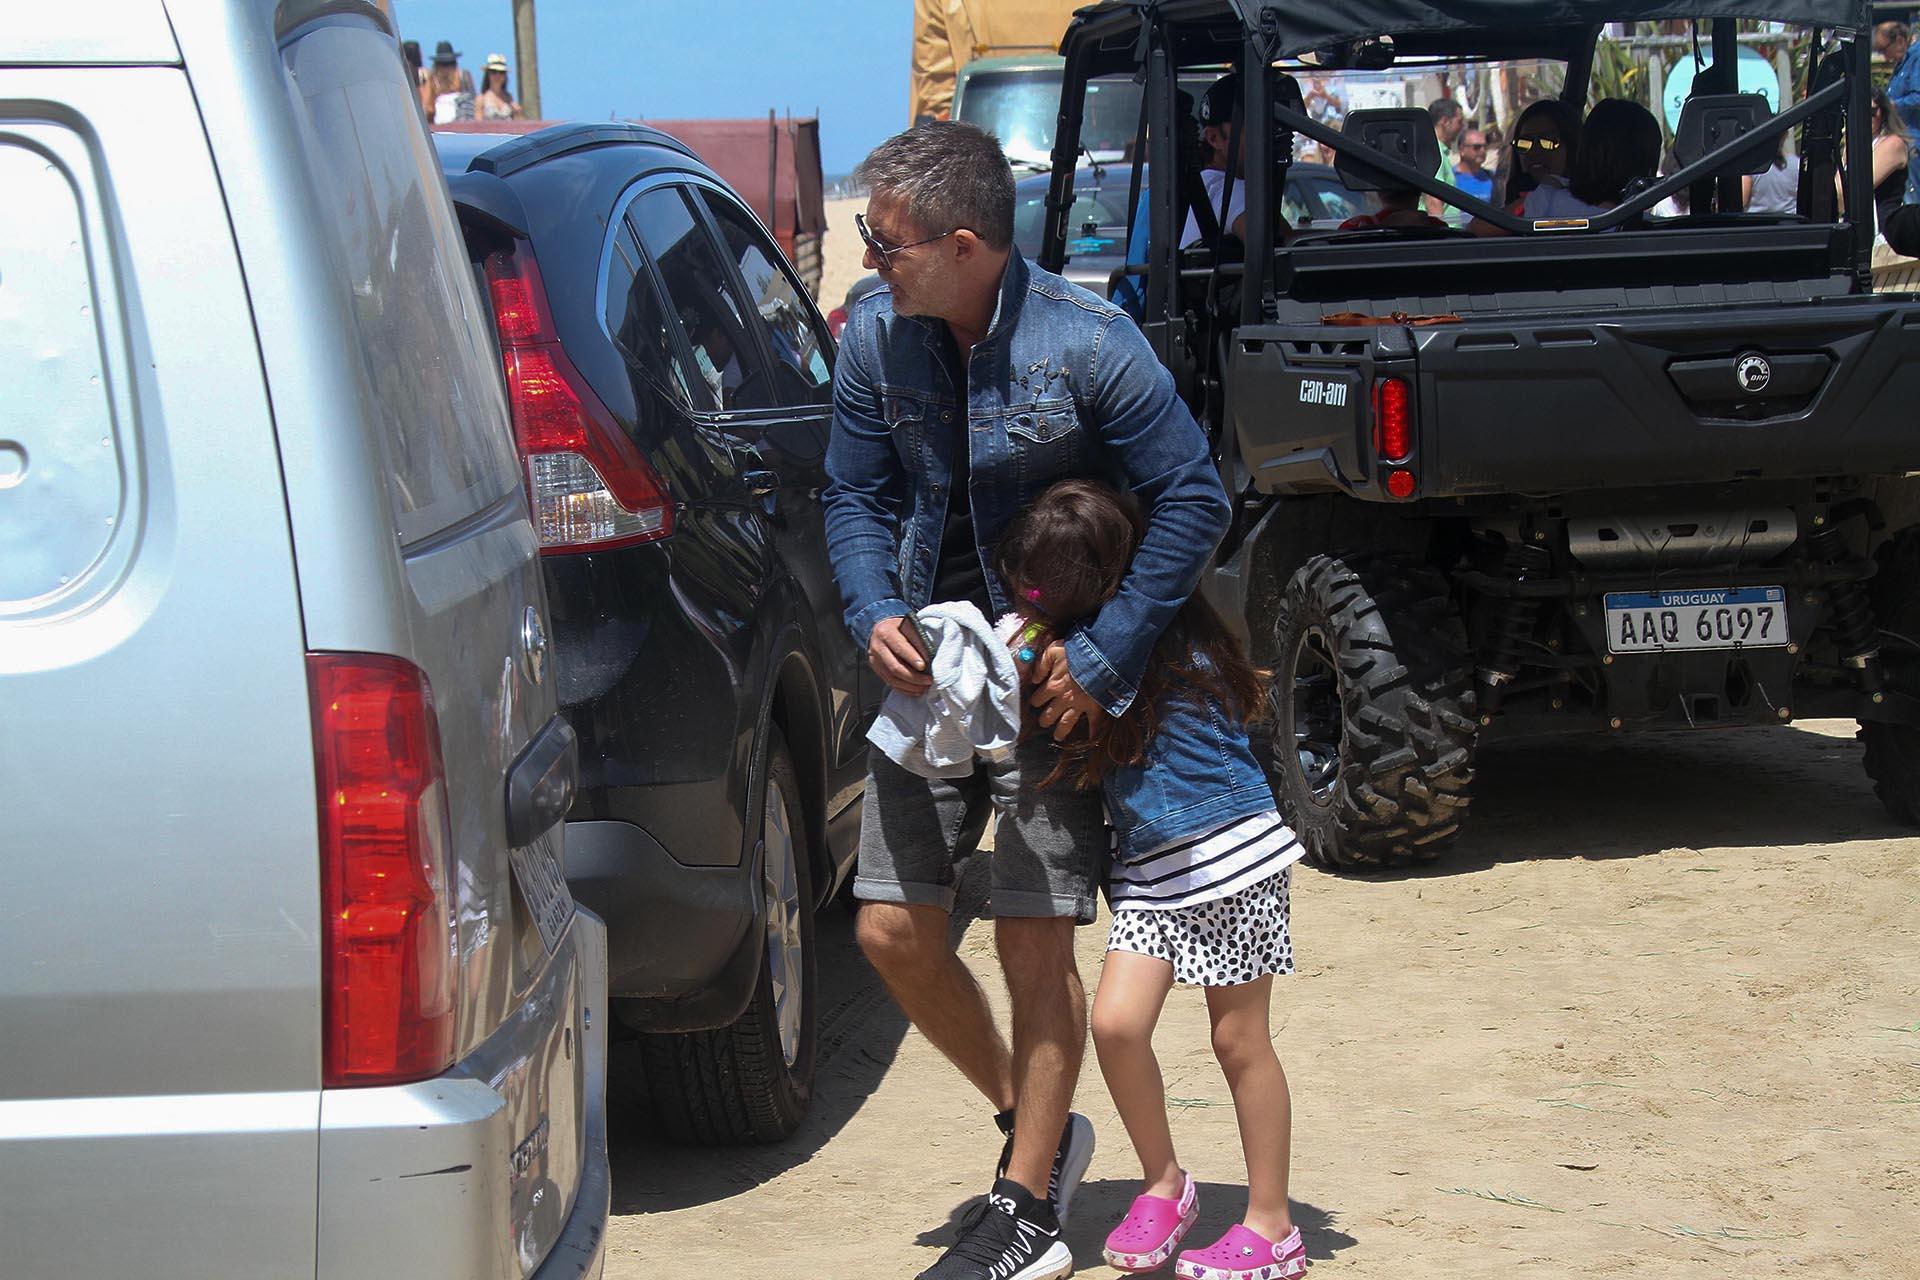 En esta caminata, Margarita se tapó la cara al divisar al fotógrafo de Teleshow, ya que no le gusta salir en las fotos de los medios. La misma situación ya había pasado en estos días, cuando Griselda Siciliani, la mamá de la nena de seis años, pidió que la pequeña Kirzner no sea fotografiada